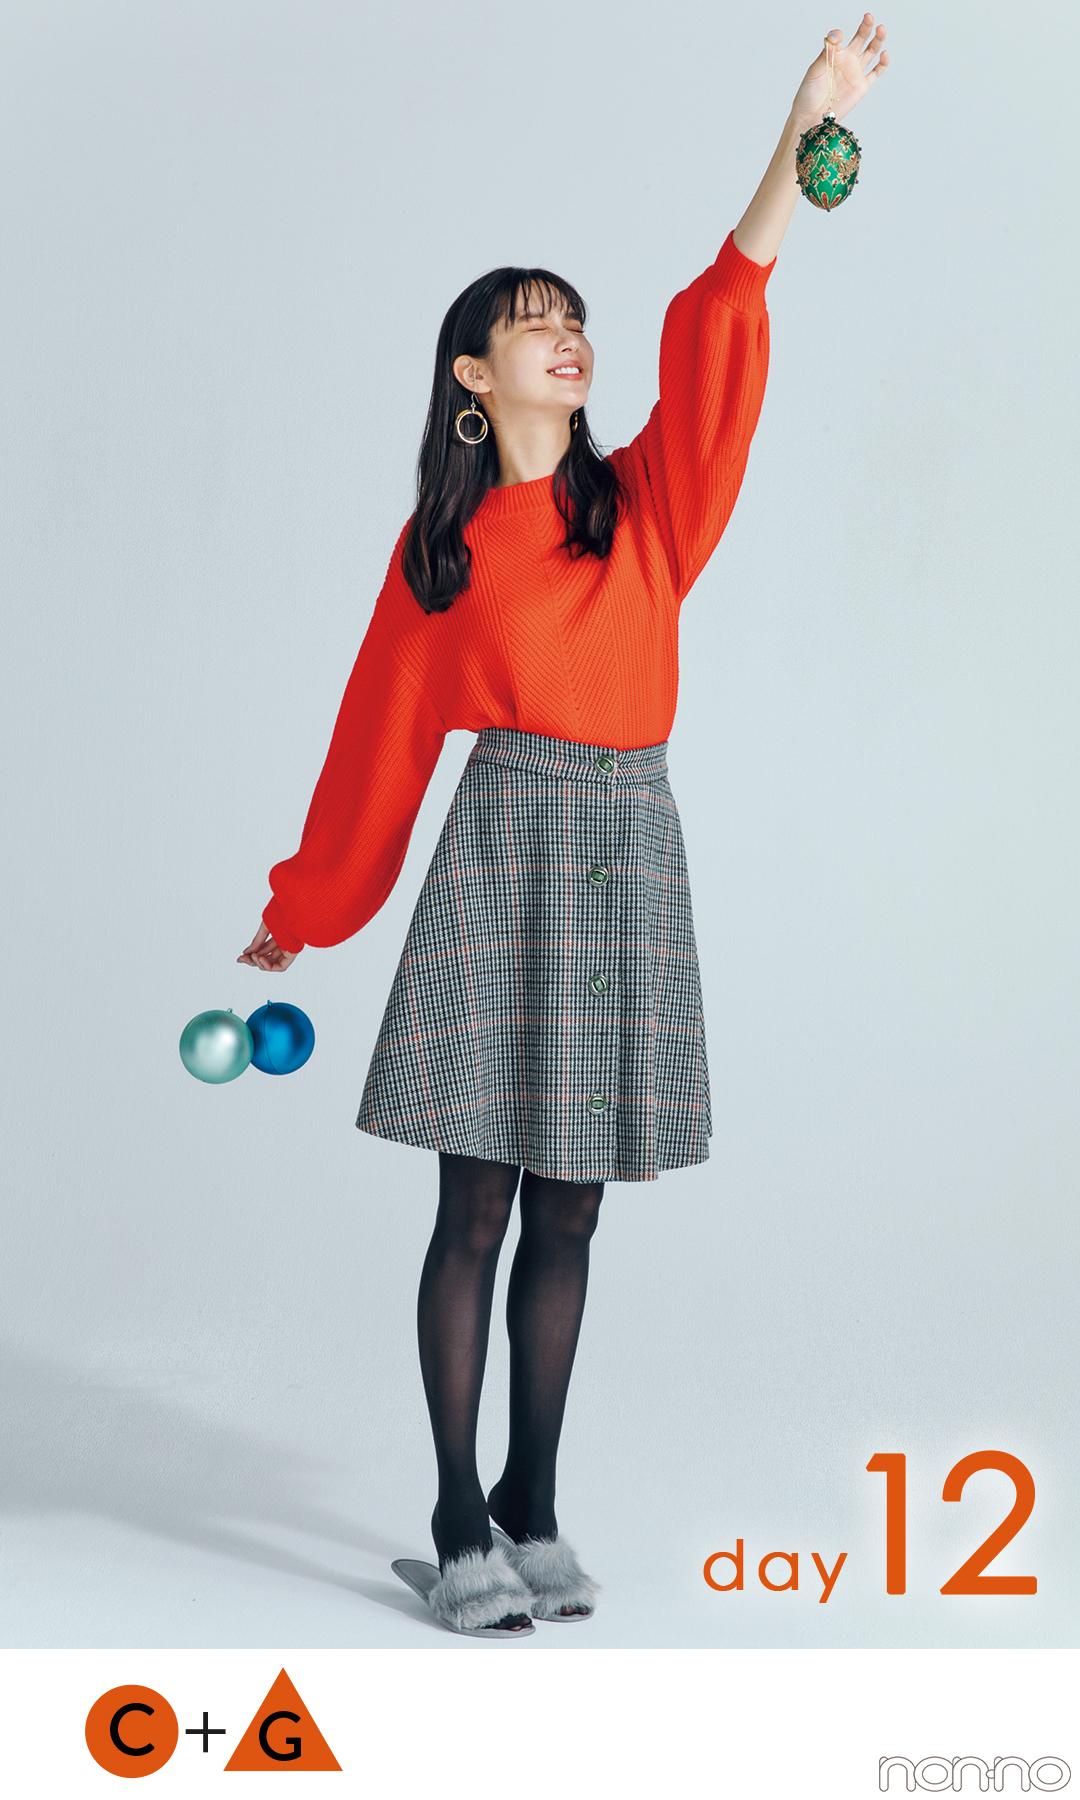 【最終話】優愛と優子のクリスマスイブ♡  12月のモテる着回しコーデ14days _1_2-1